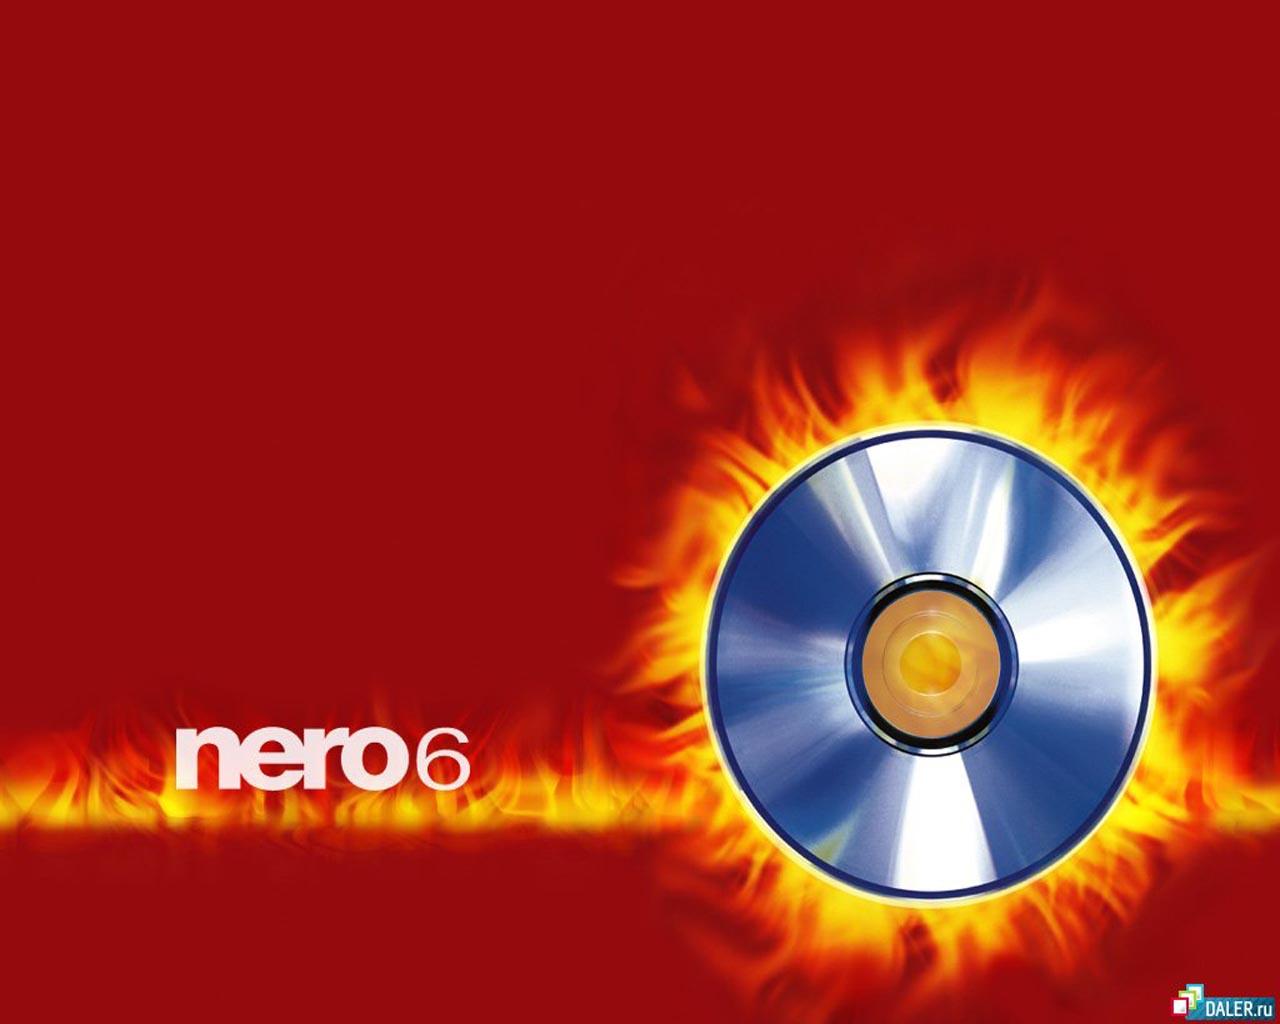 Nero 9 4 12 3 Скачать